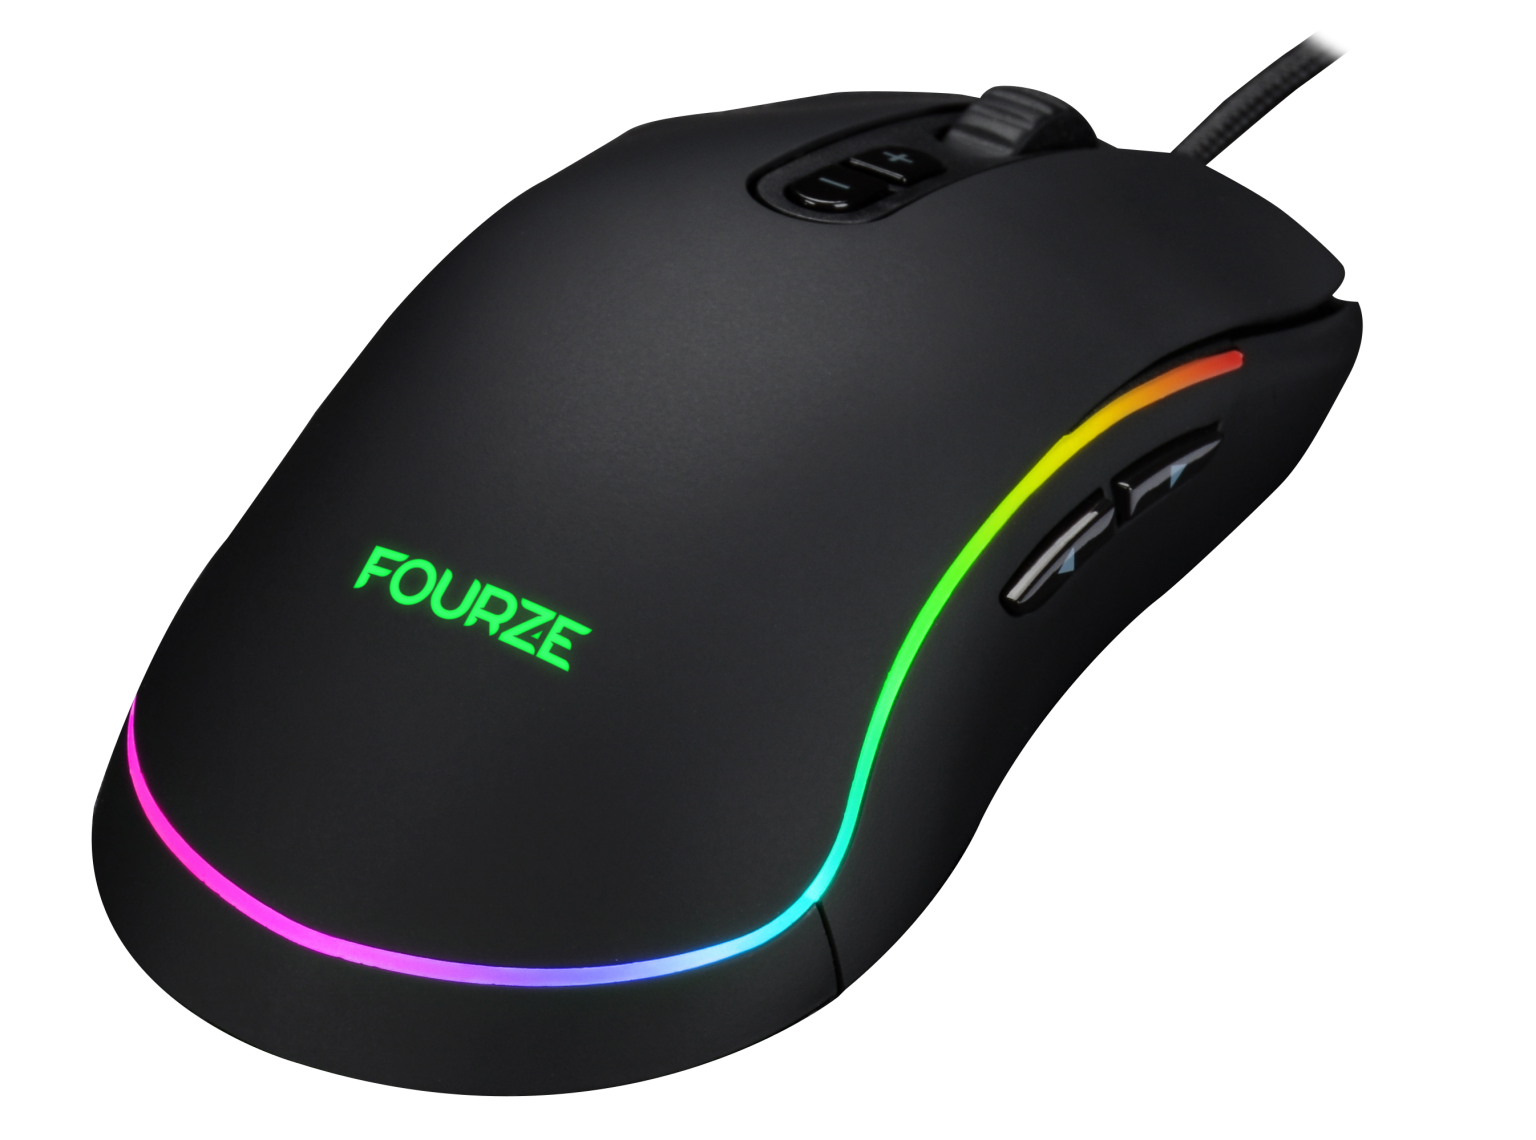 FOURZE GM700 sort gaming mus set fra højre top. Med RGB